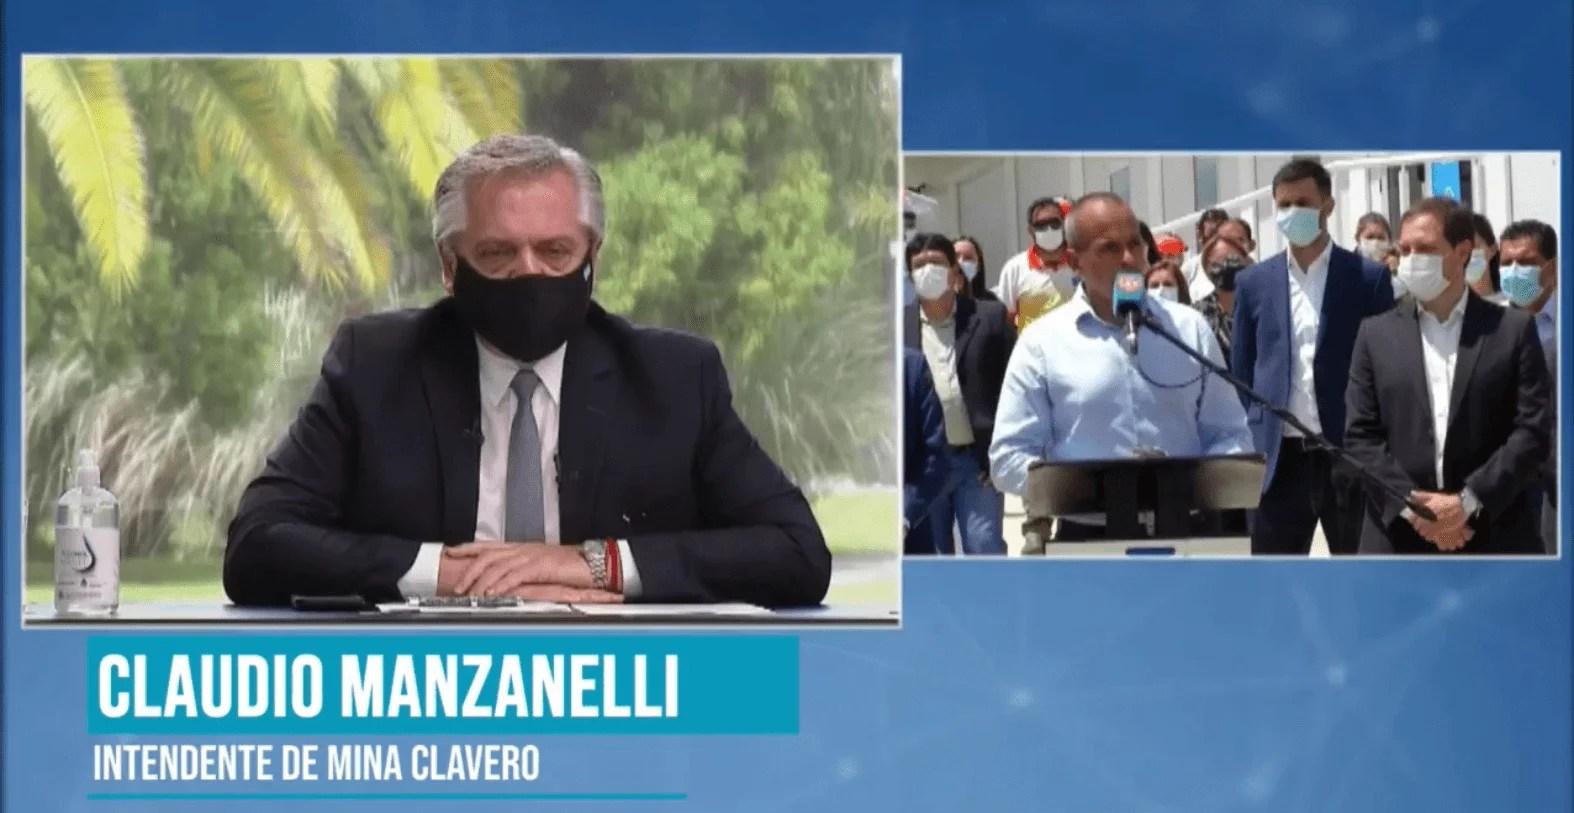 El presidente Fernández inauguró por zoom el Hospital Modular de Mina Clavero